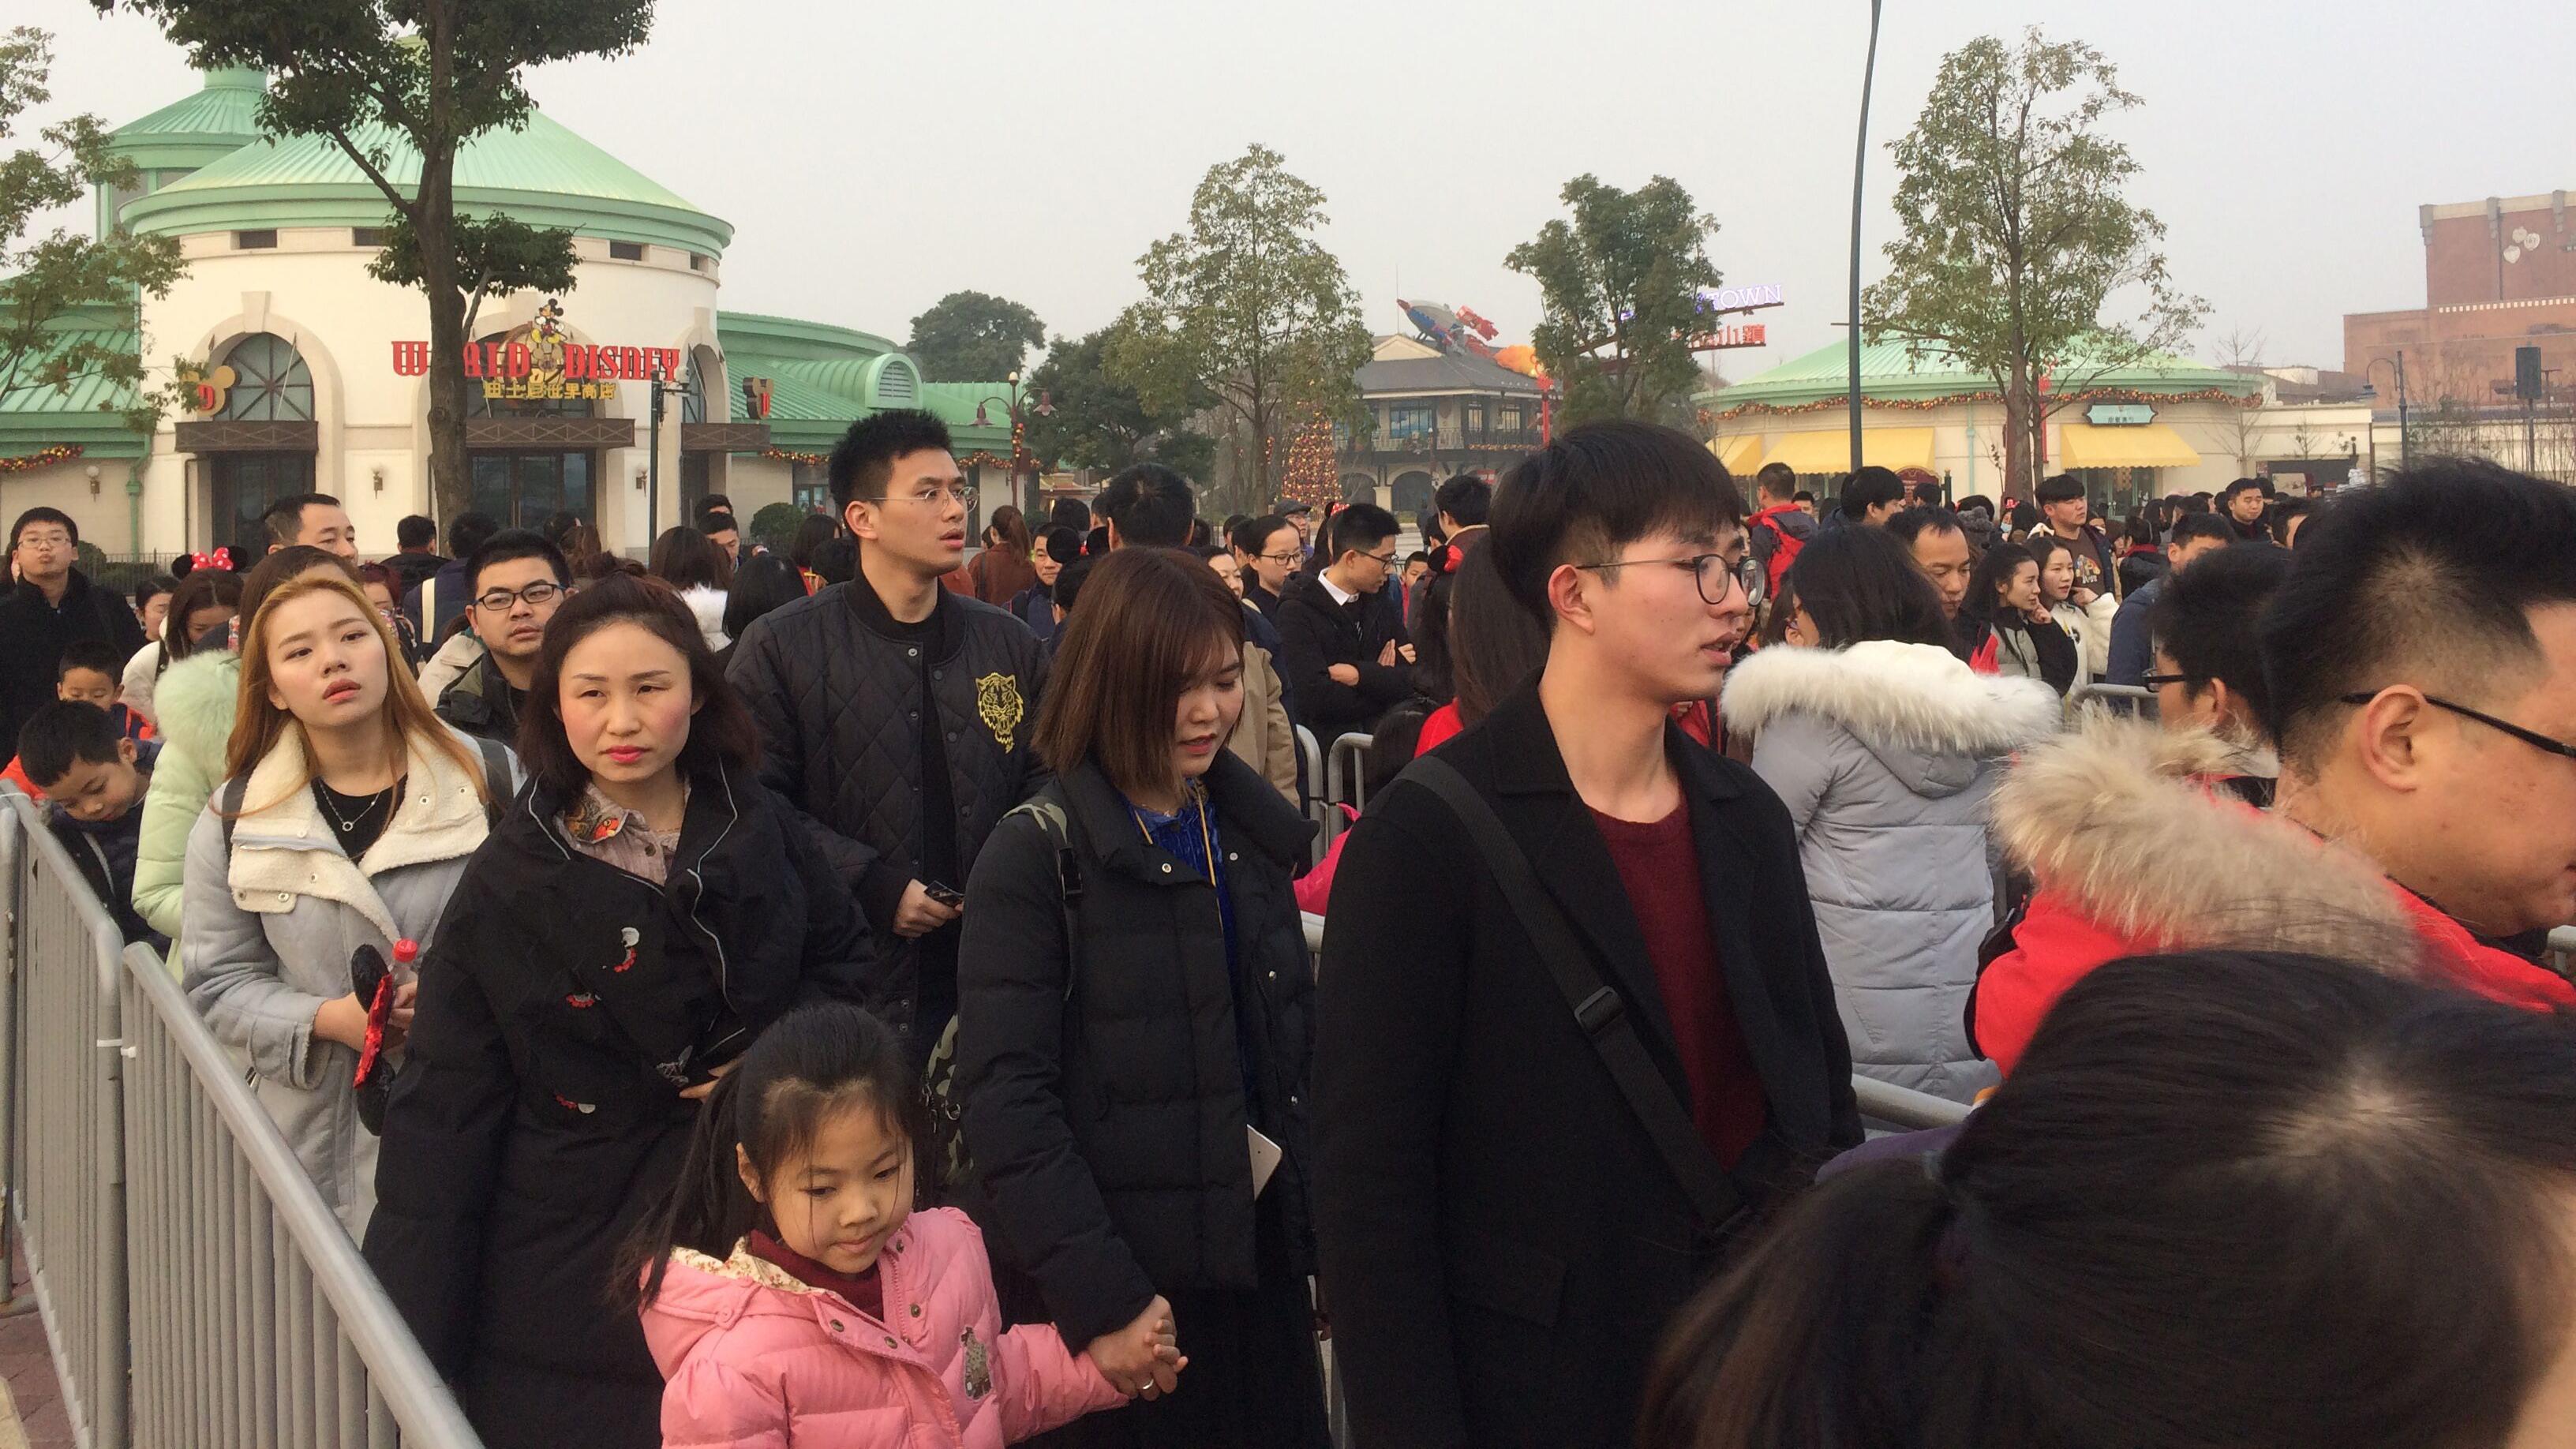 上海迪士尼度假区今日客流预计近10万 警方全警上岗保平安